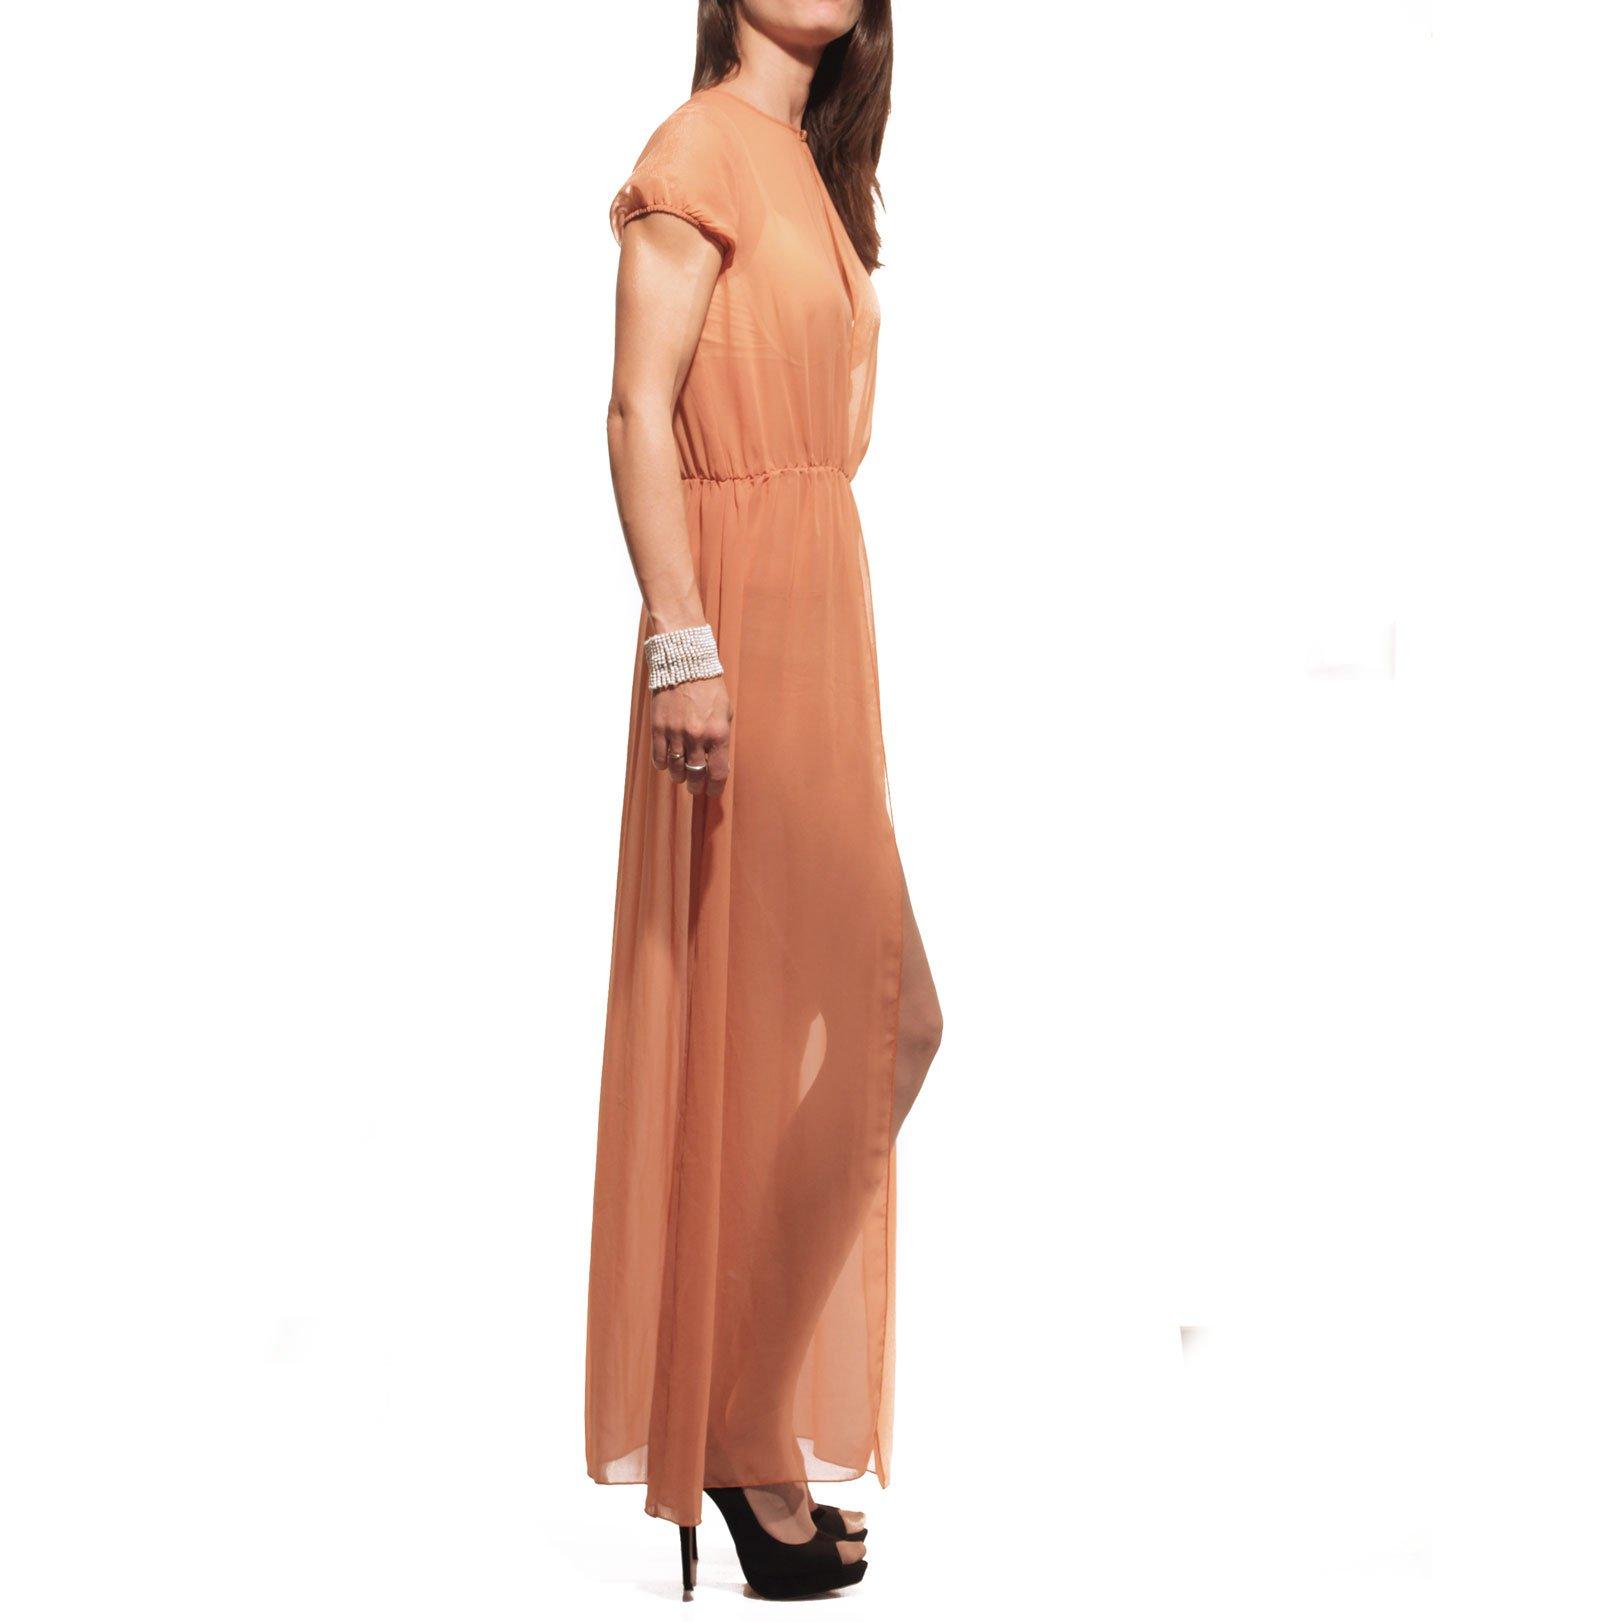 Think & Believe, abito, vestito, clothes, lungo, long, spacco